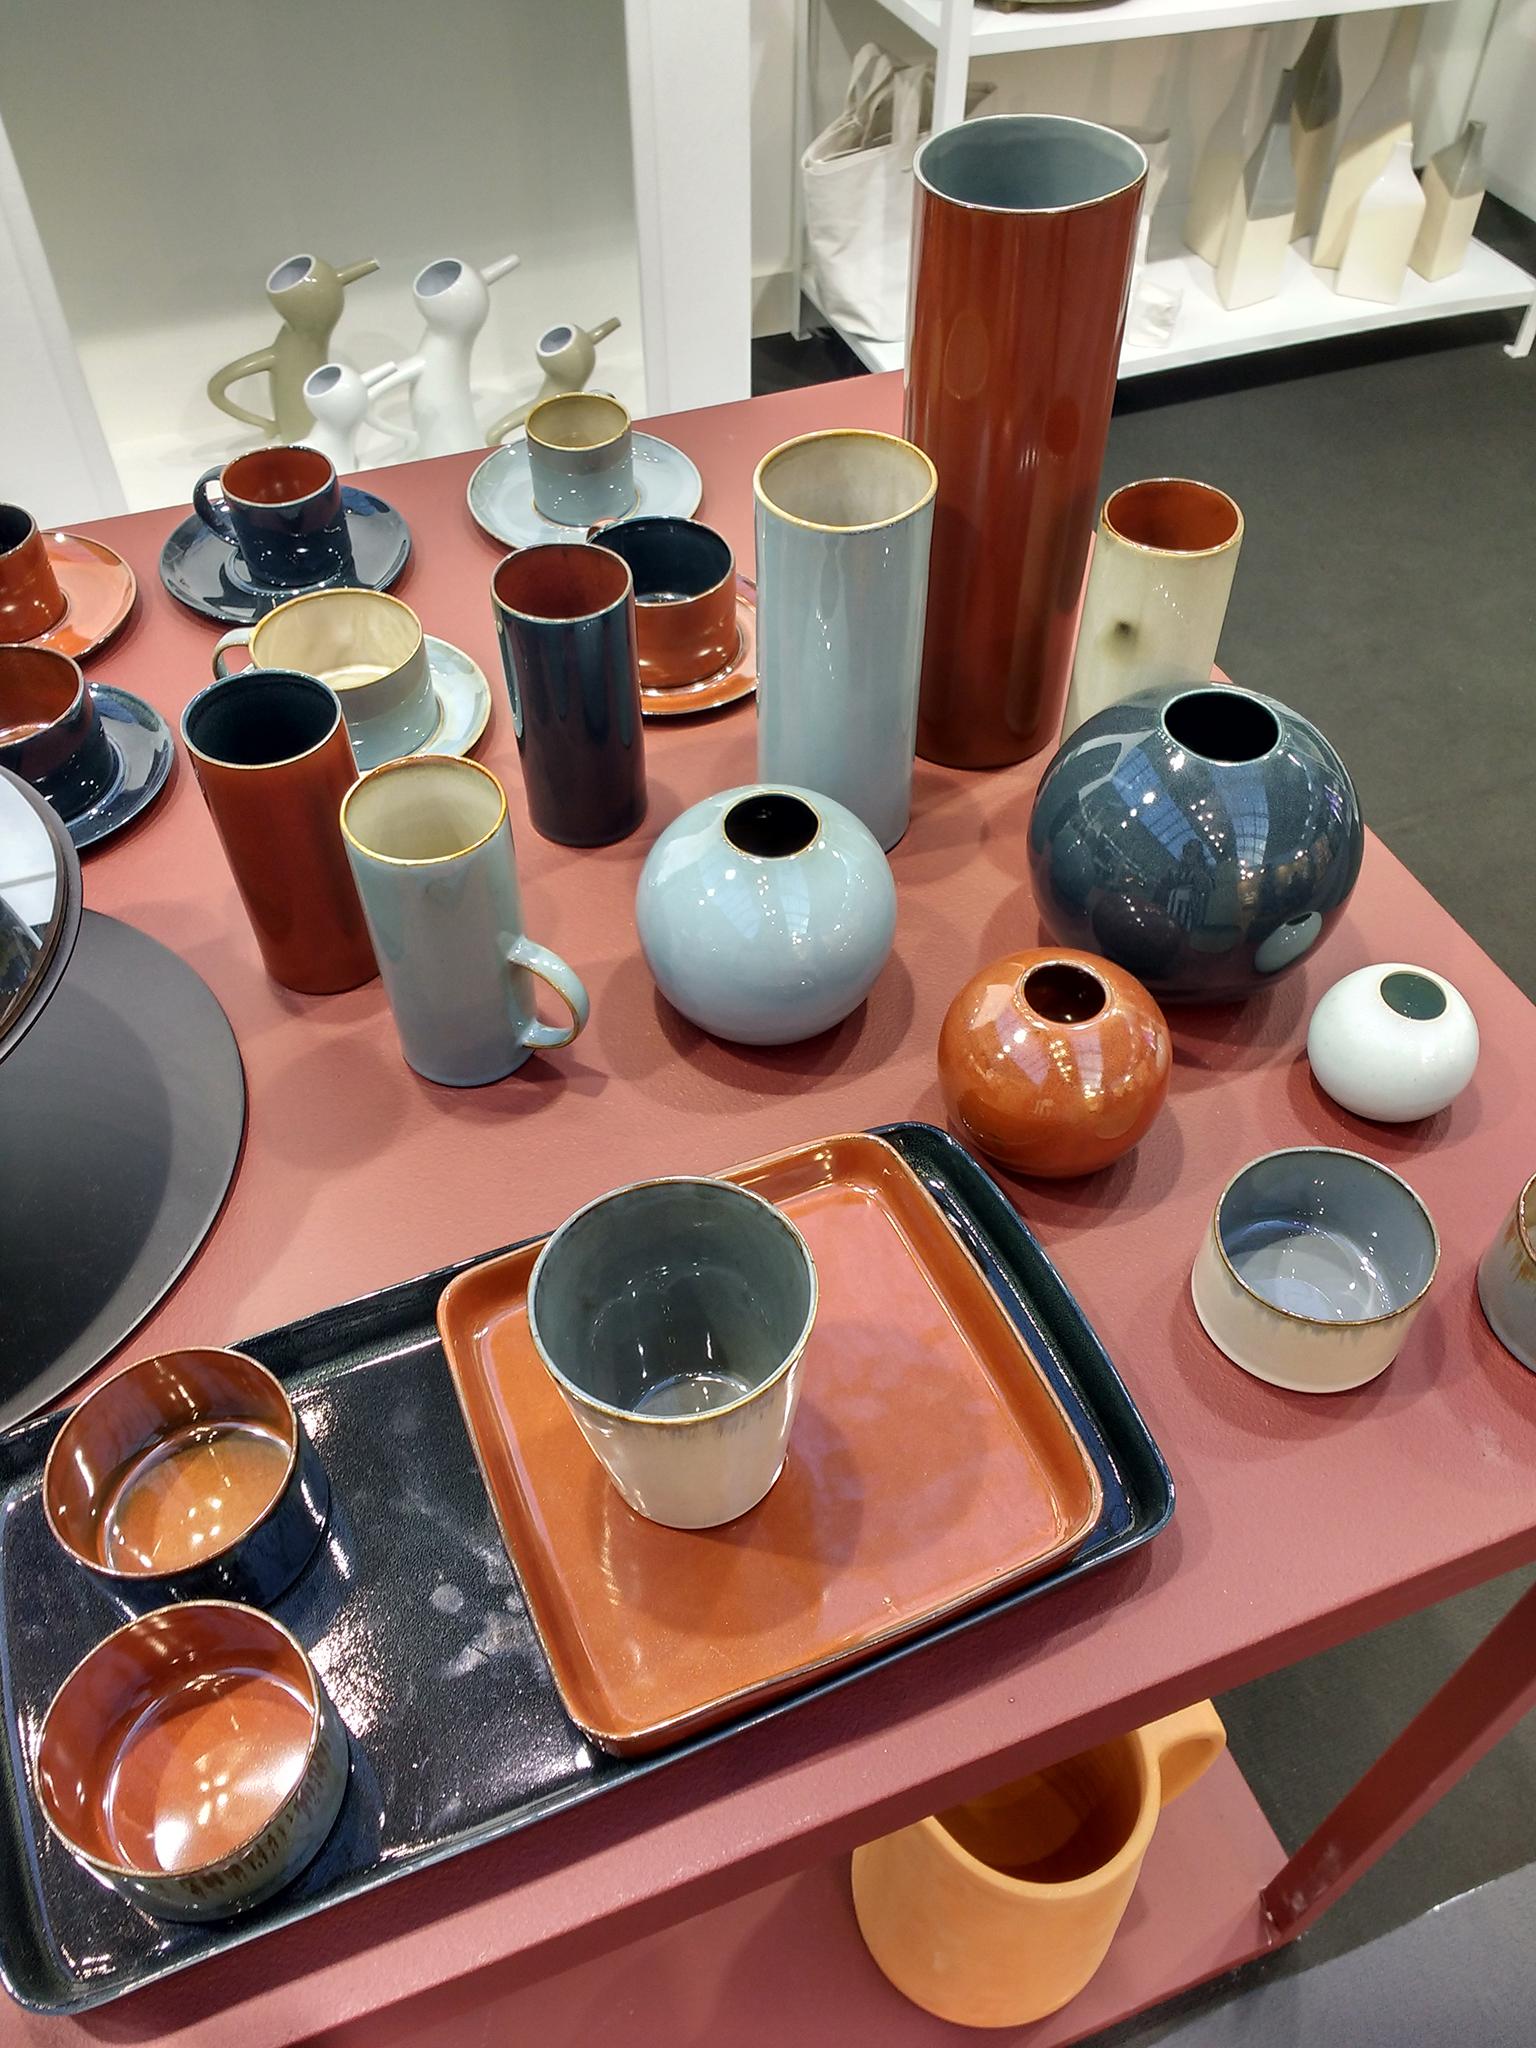 Serax's warm and modern ceramics.